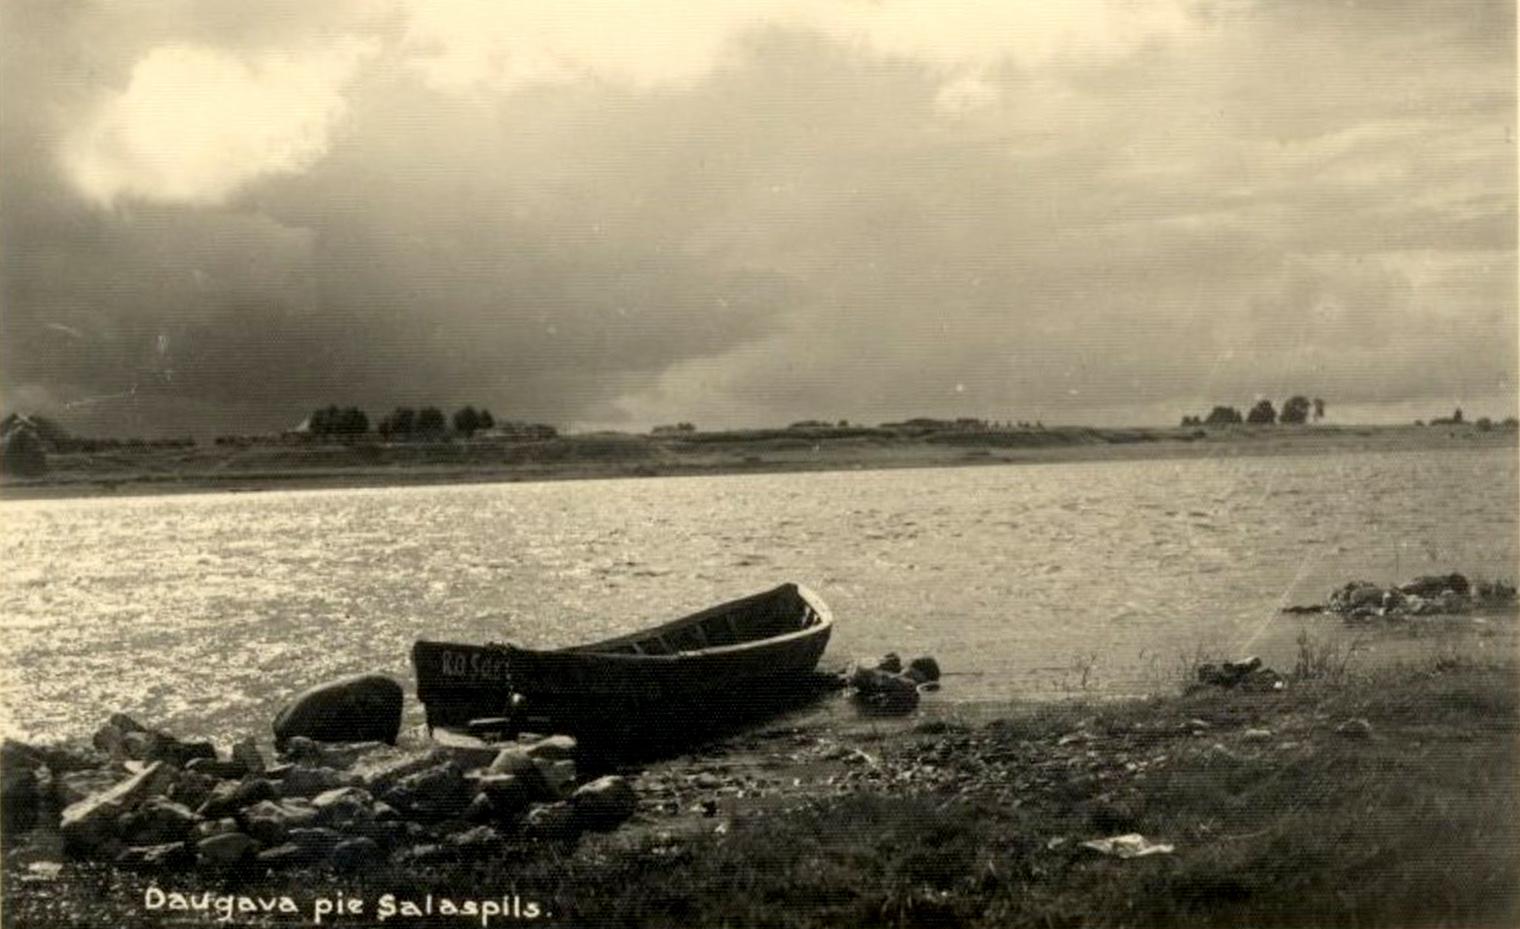 Salaspils pagasts. Daugava pie Salaspils